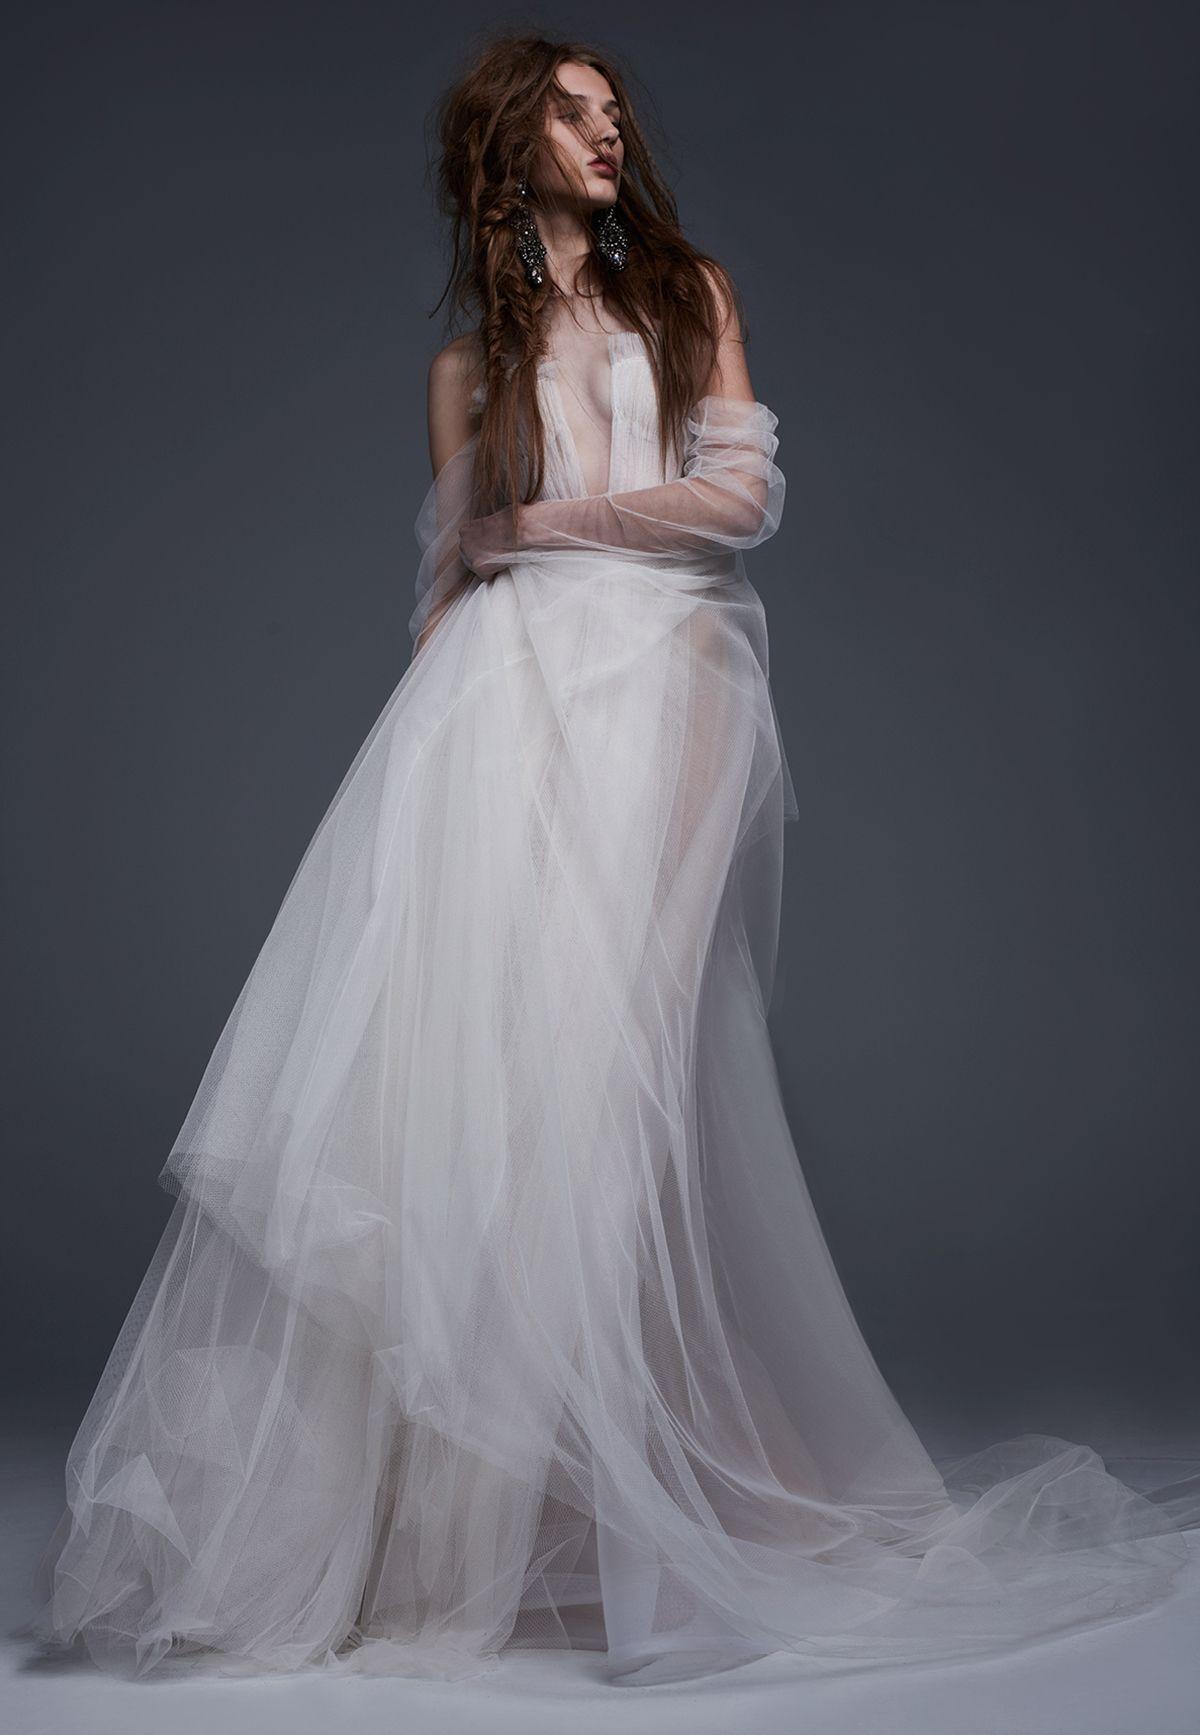 201a41a9647 Vera Wang Bridesmaid Dresses Fall 2017 - Gomes Weine AG